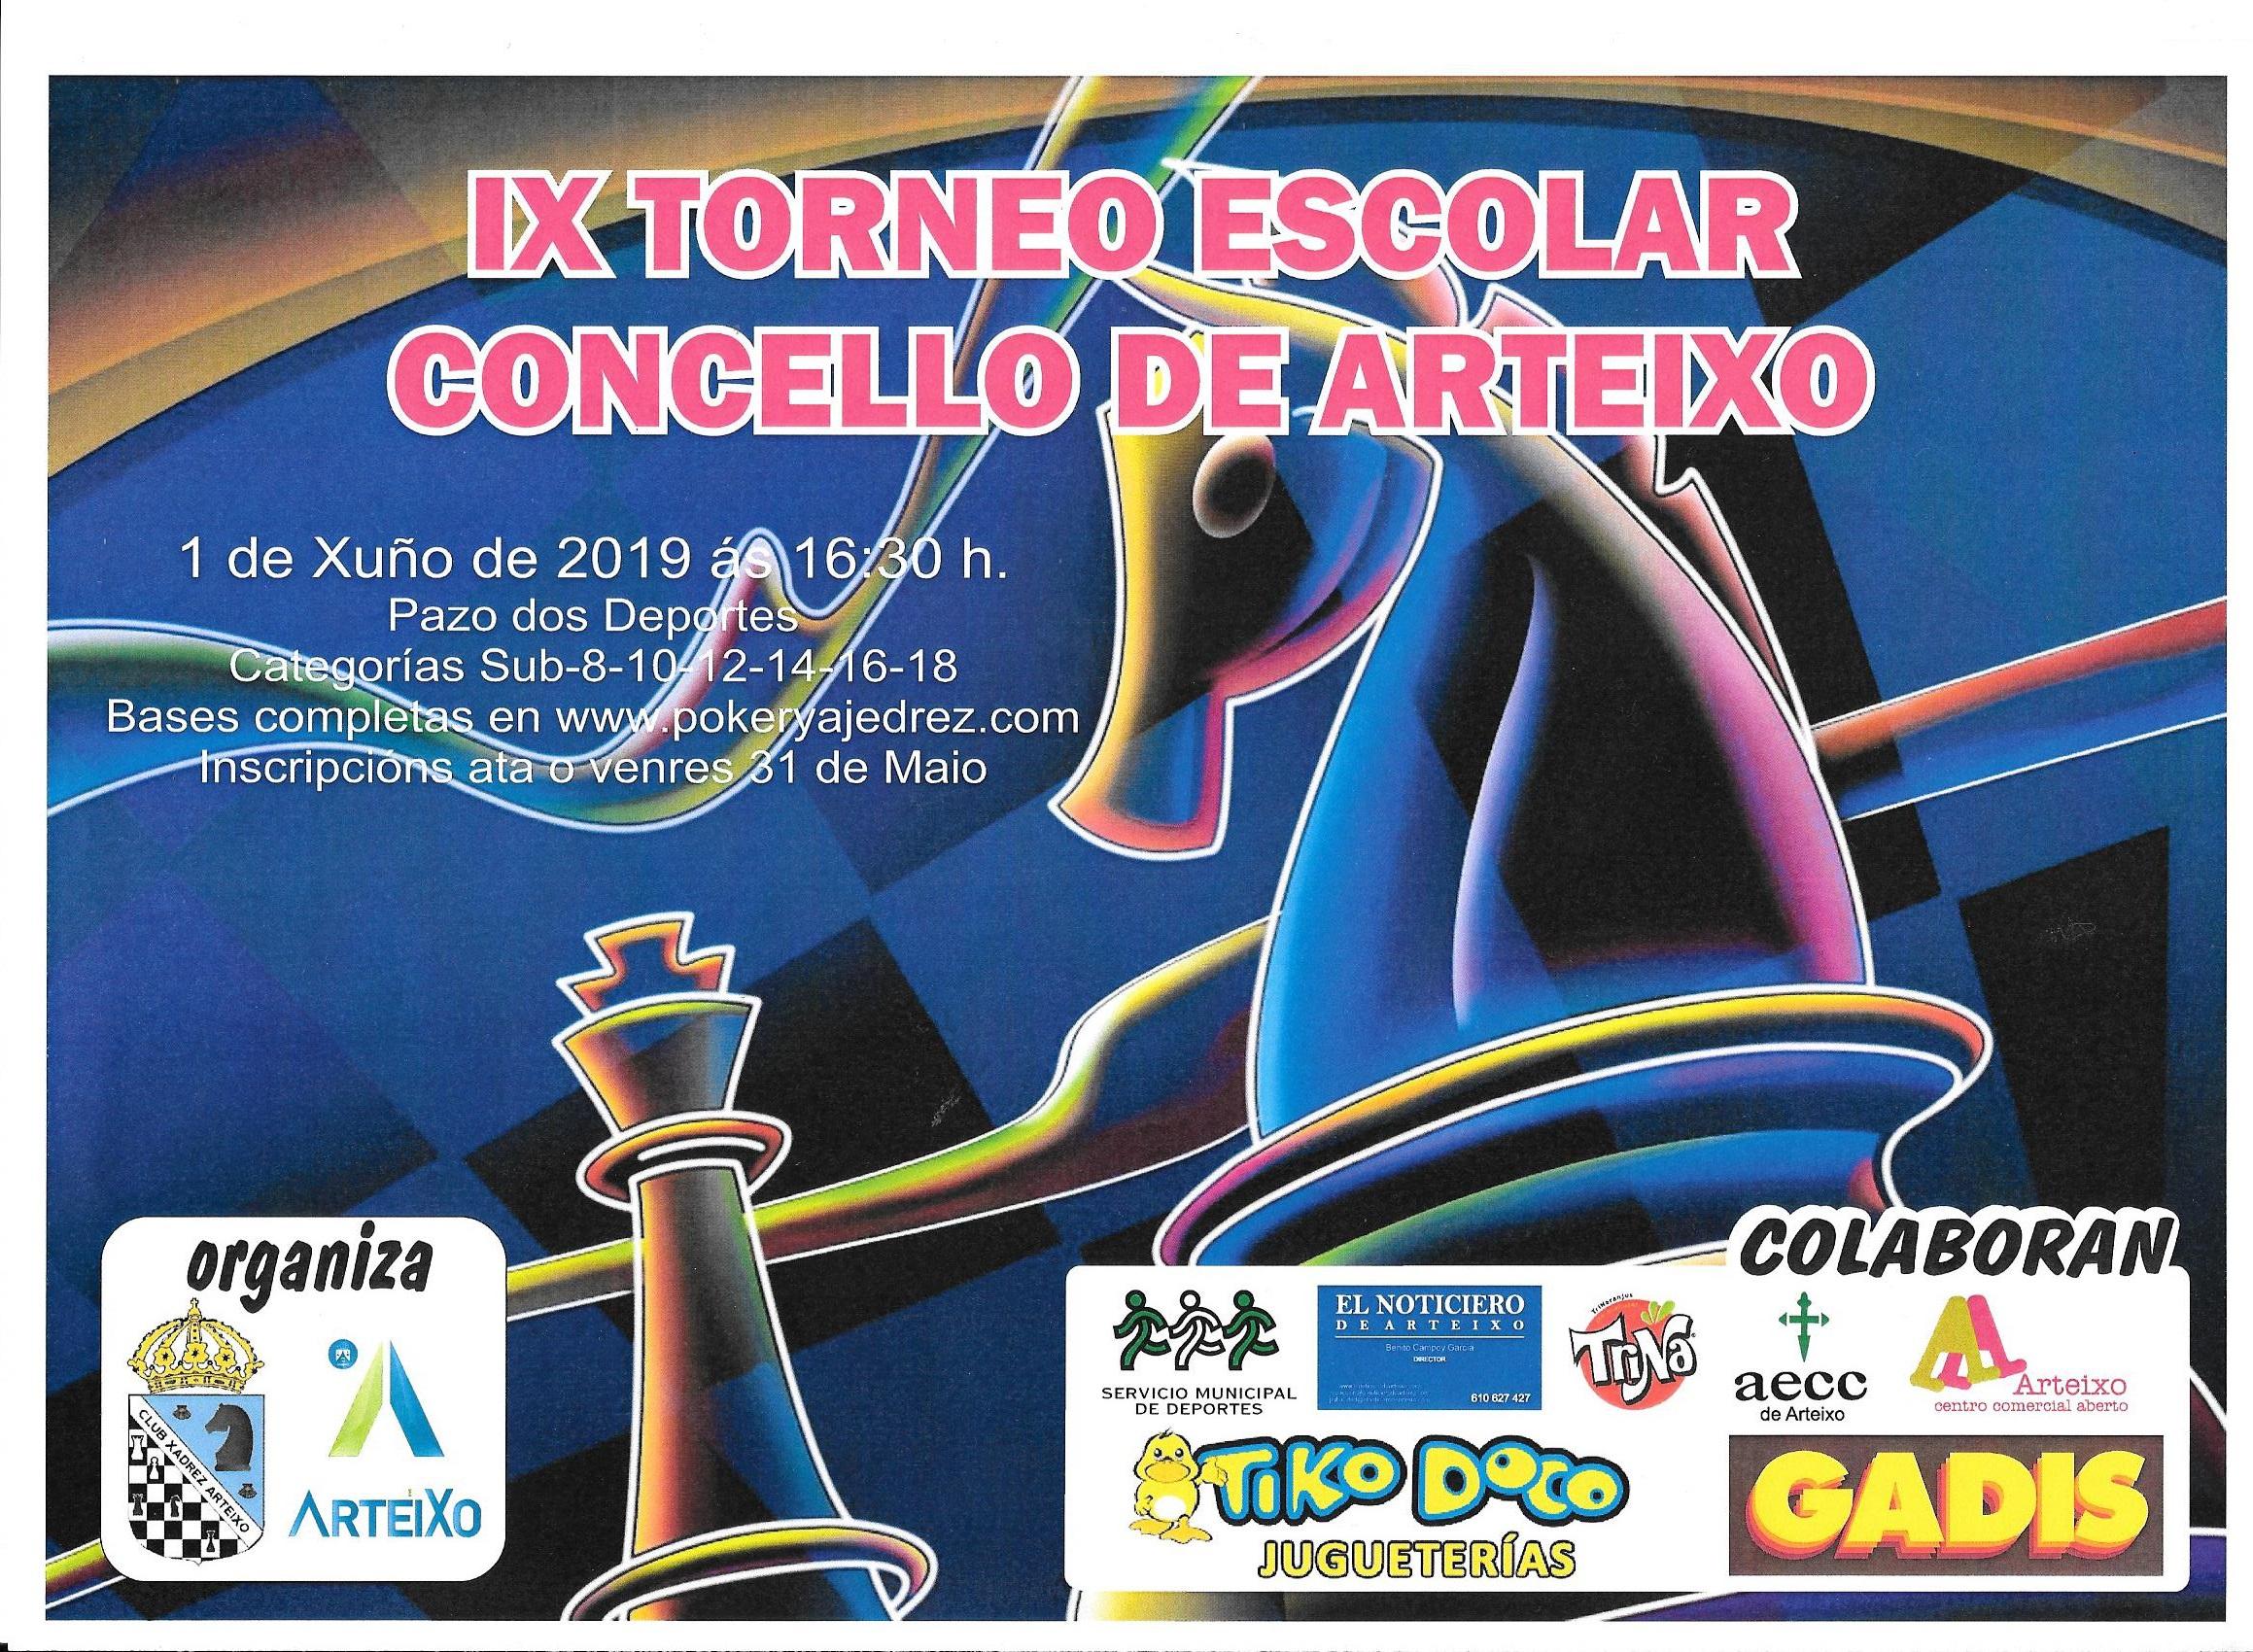 IX Torneo Escolar Concello de Arteixo